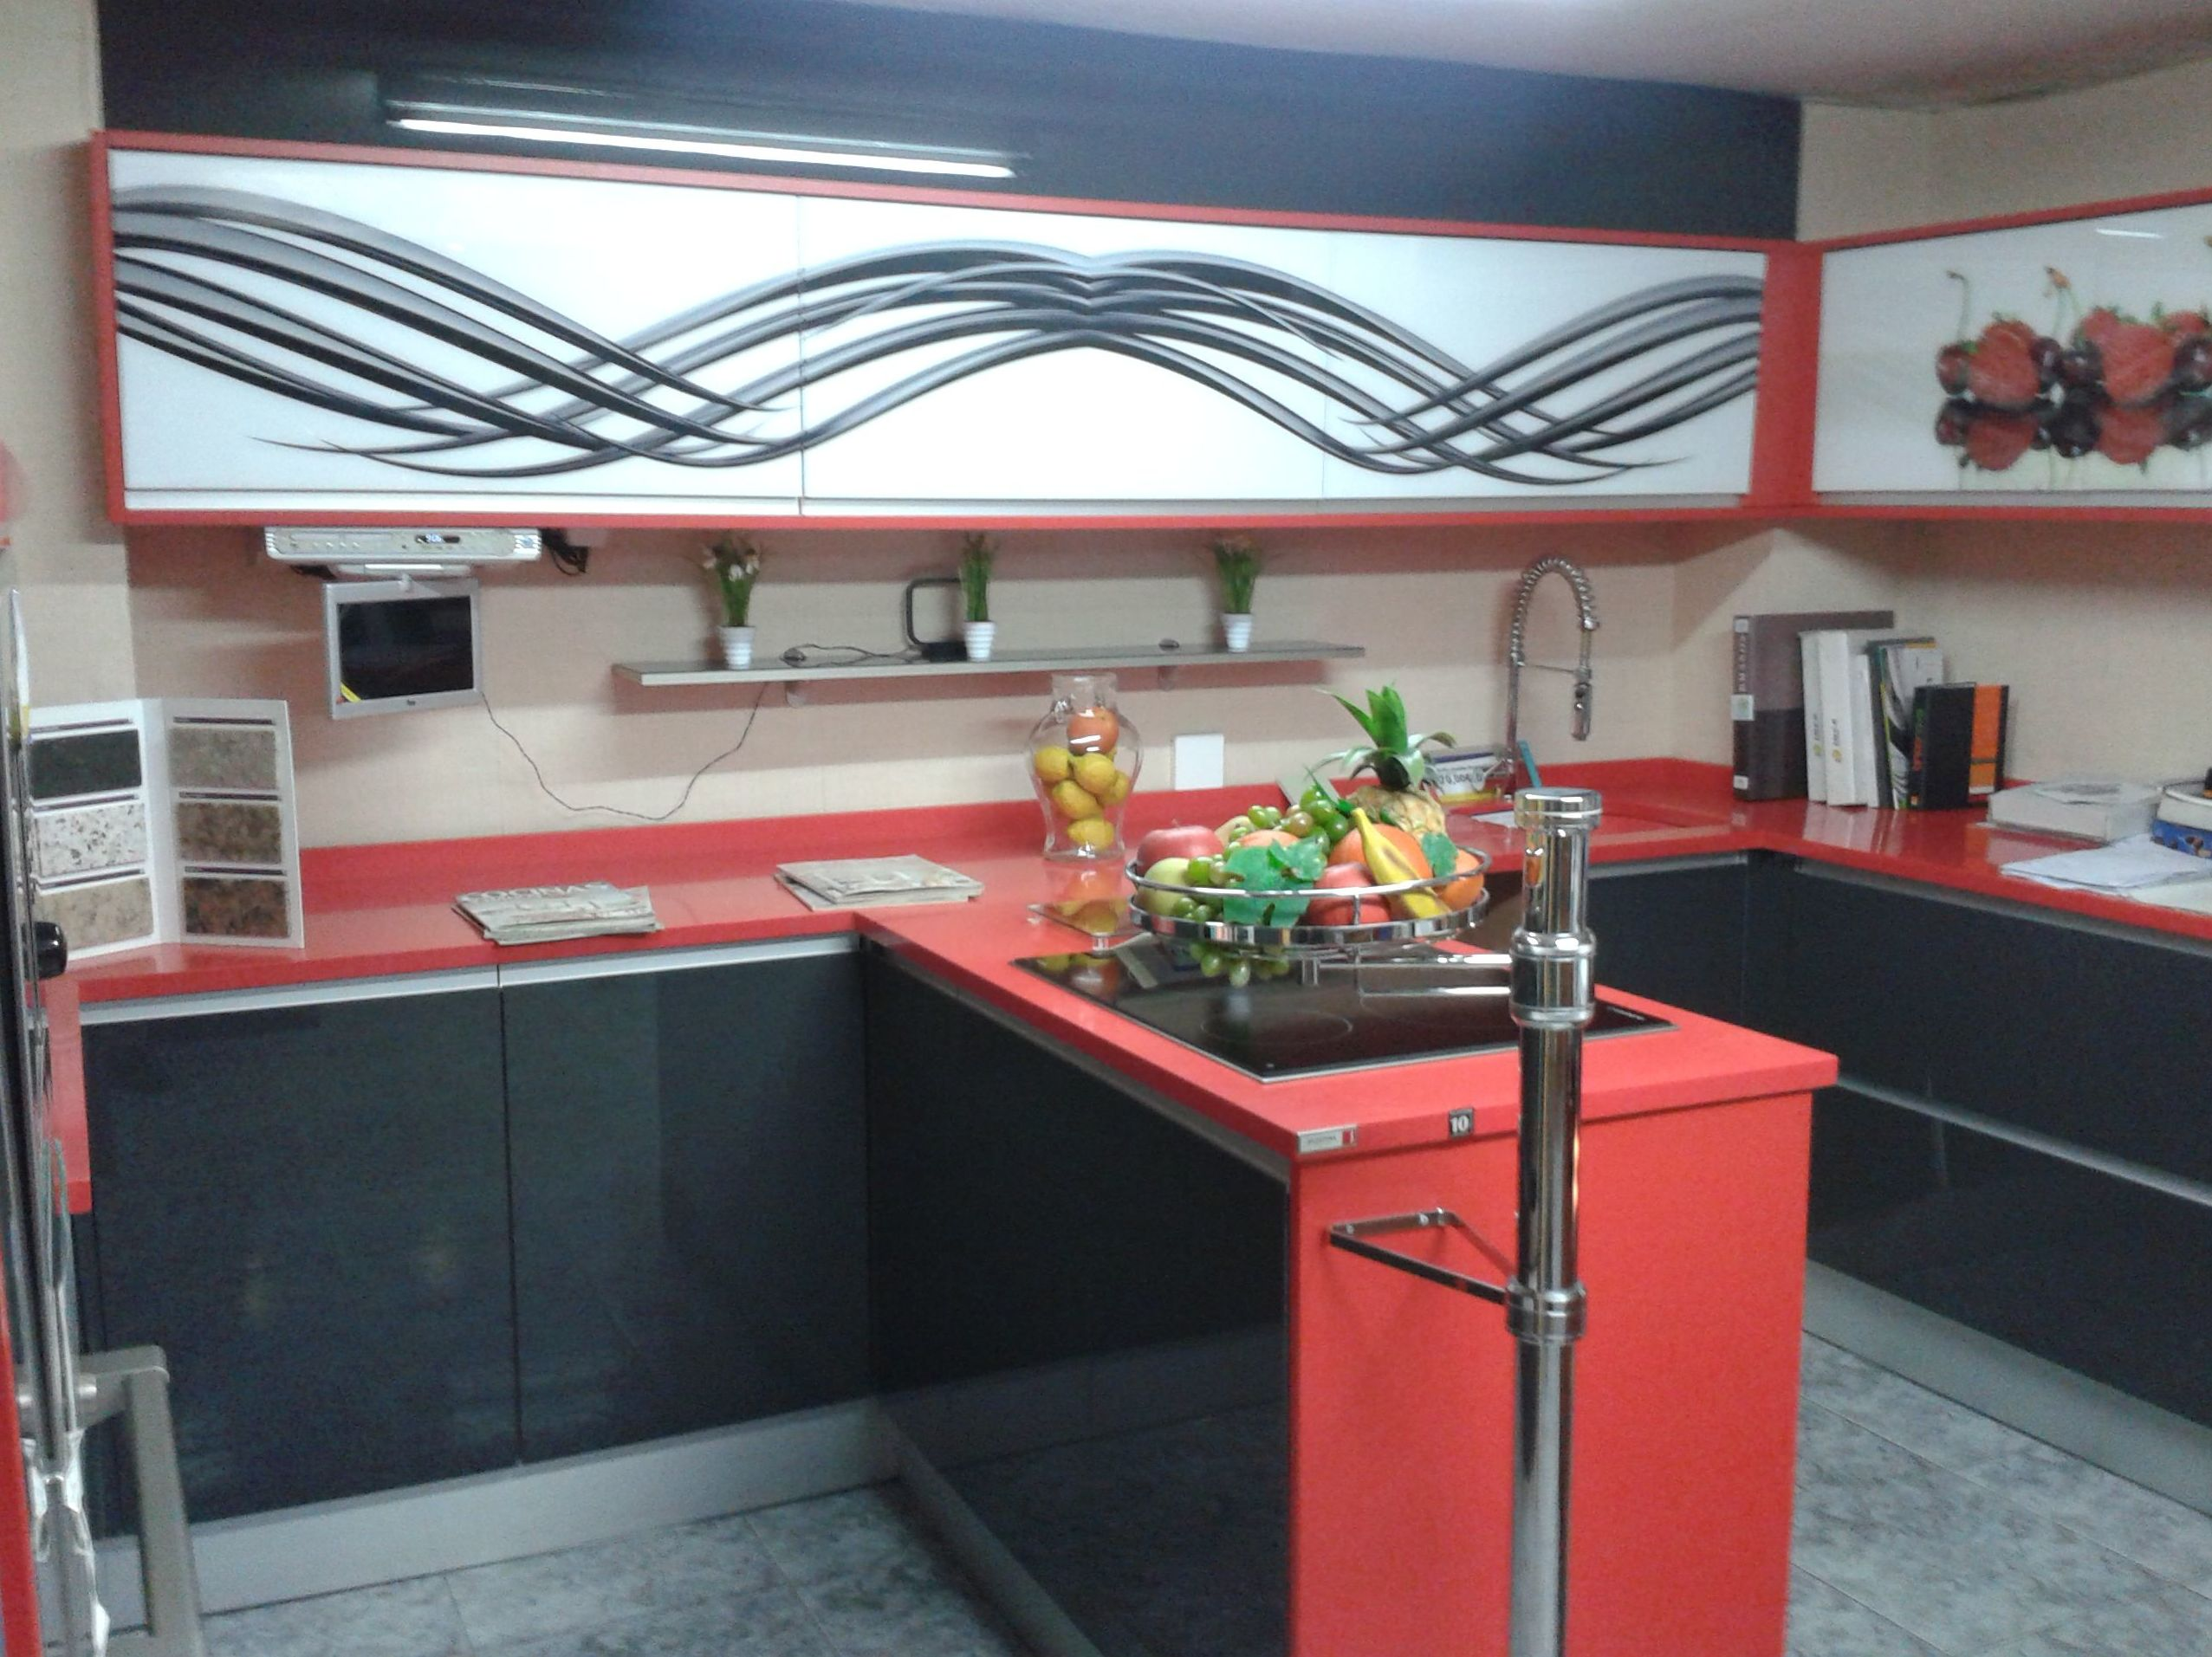 Cocinas modernas baratas precios muebles de cocina a for Mobiliario cocina barato